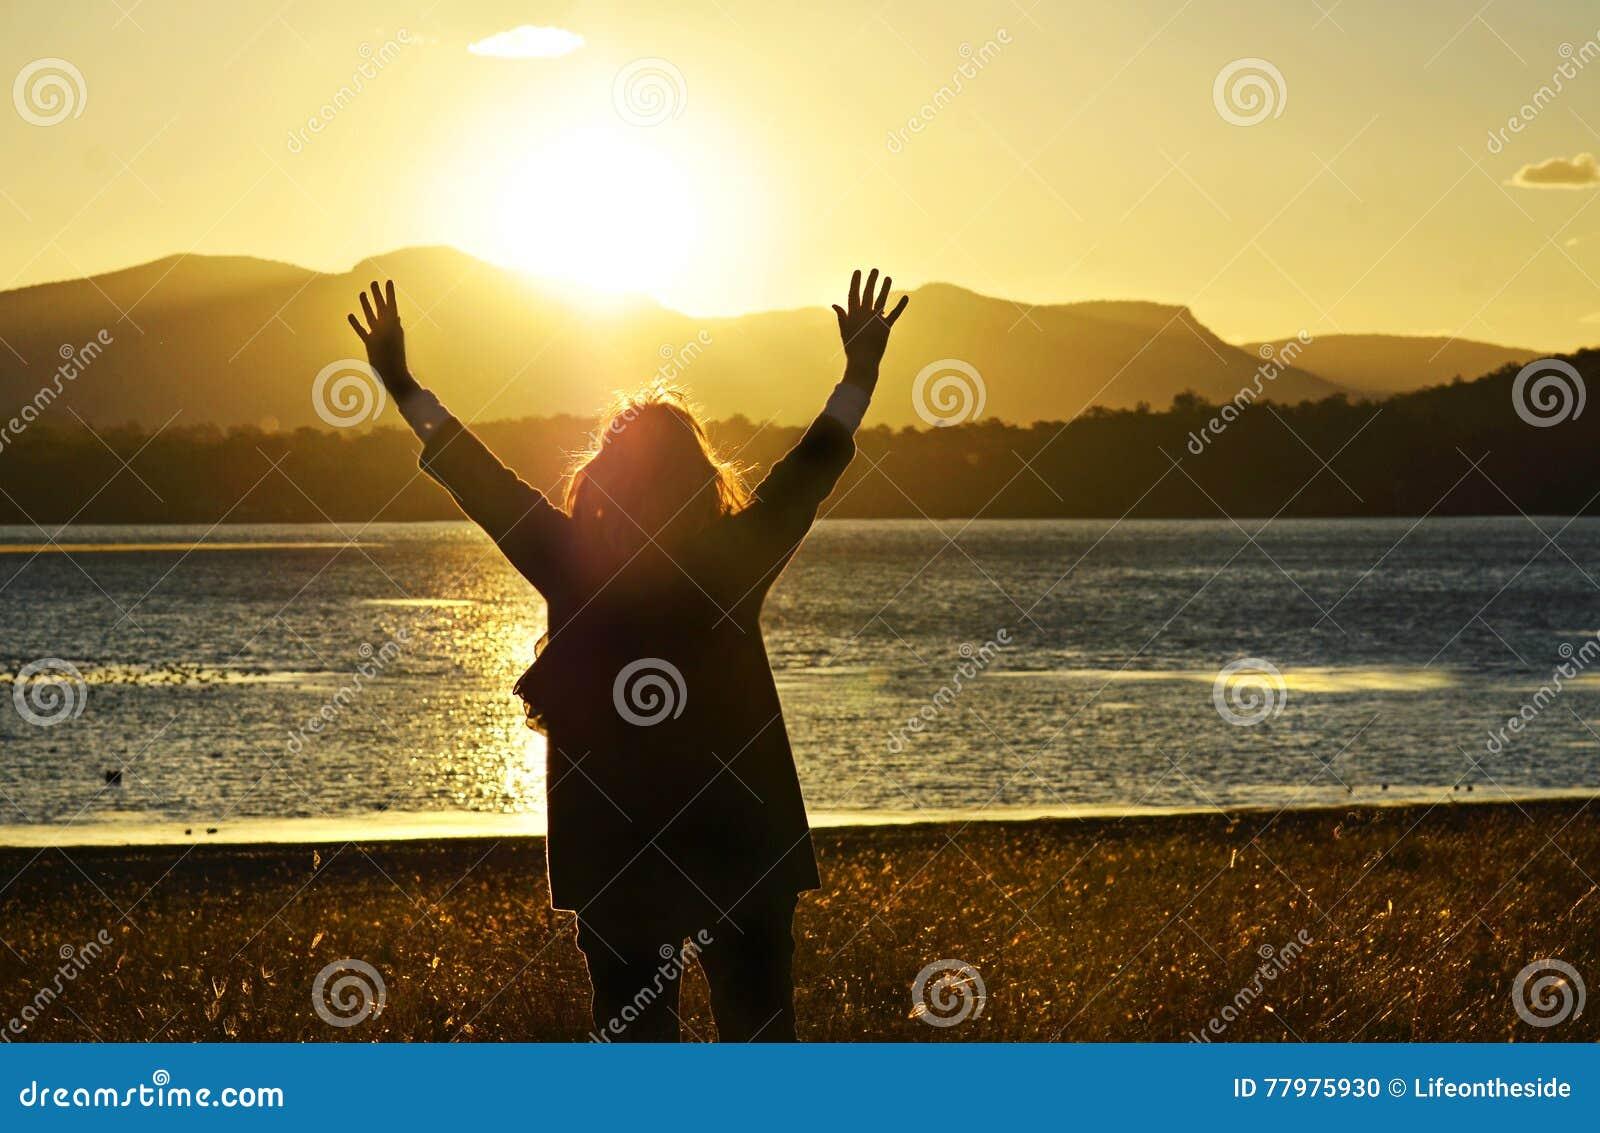 Kobiety dźwiganie wręcza uwielbiać chwalący modlenie bóg piękny zmierzch